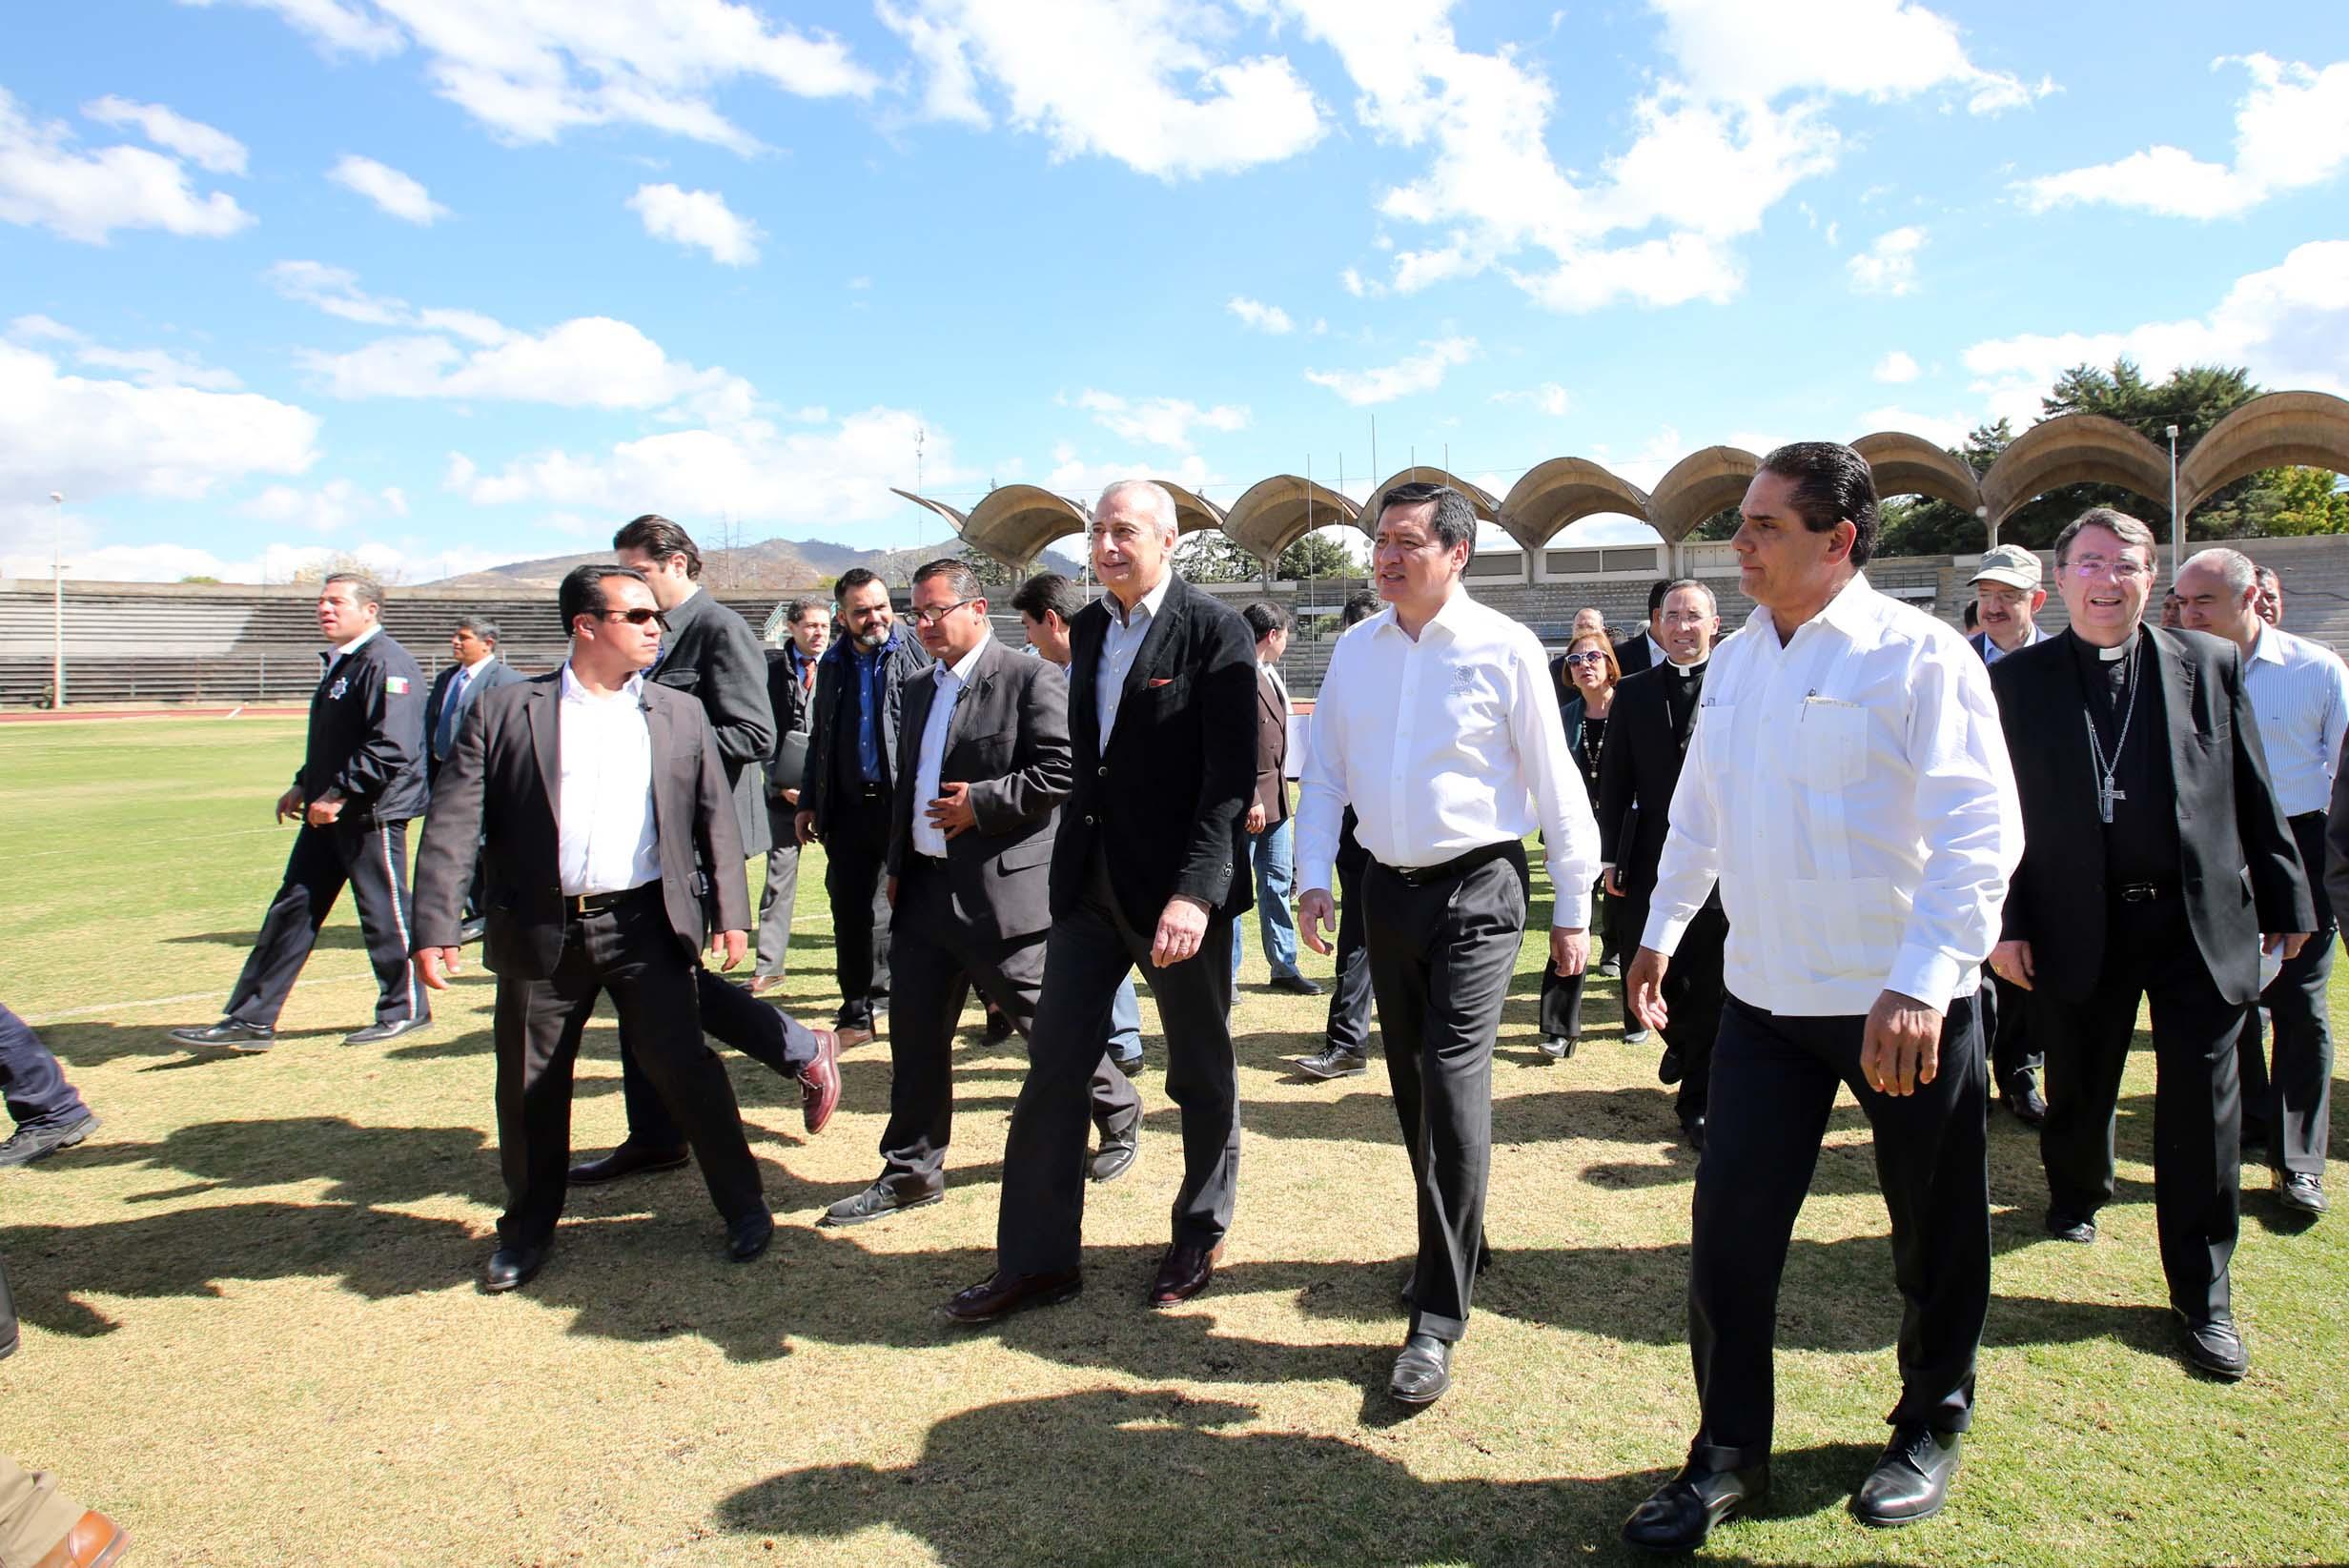 El Secretario de Gobernación, Miguel Ángel Osorio Chong, recorre los lugares en los que estará el Pontífice en México entre el 12 y el 17 de febrero próximos en Morelia, Michoacán.